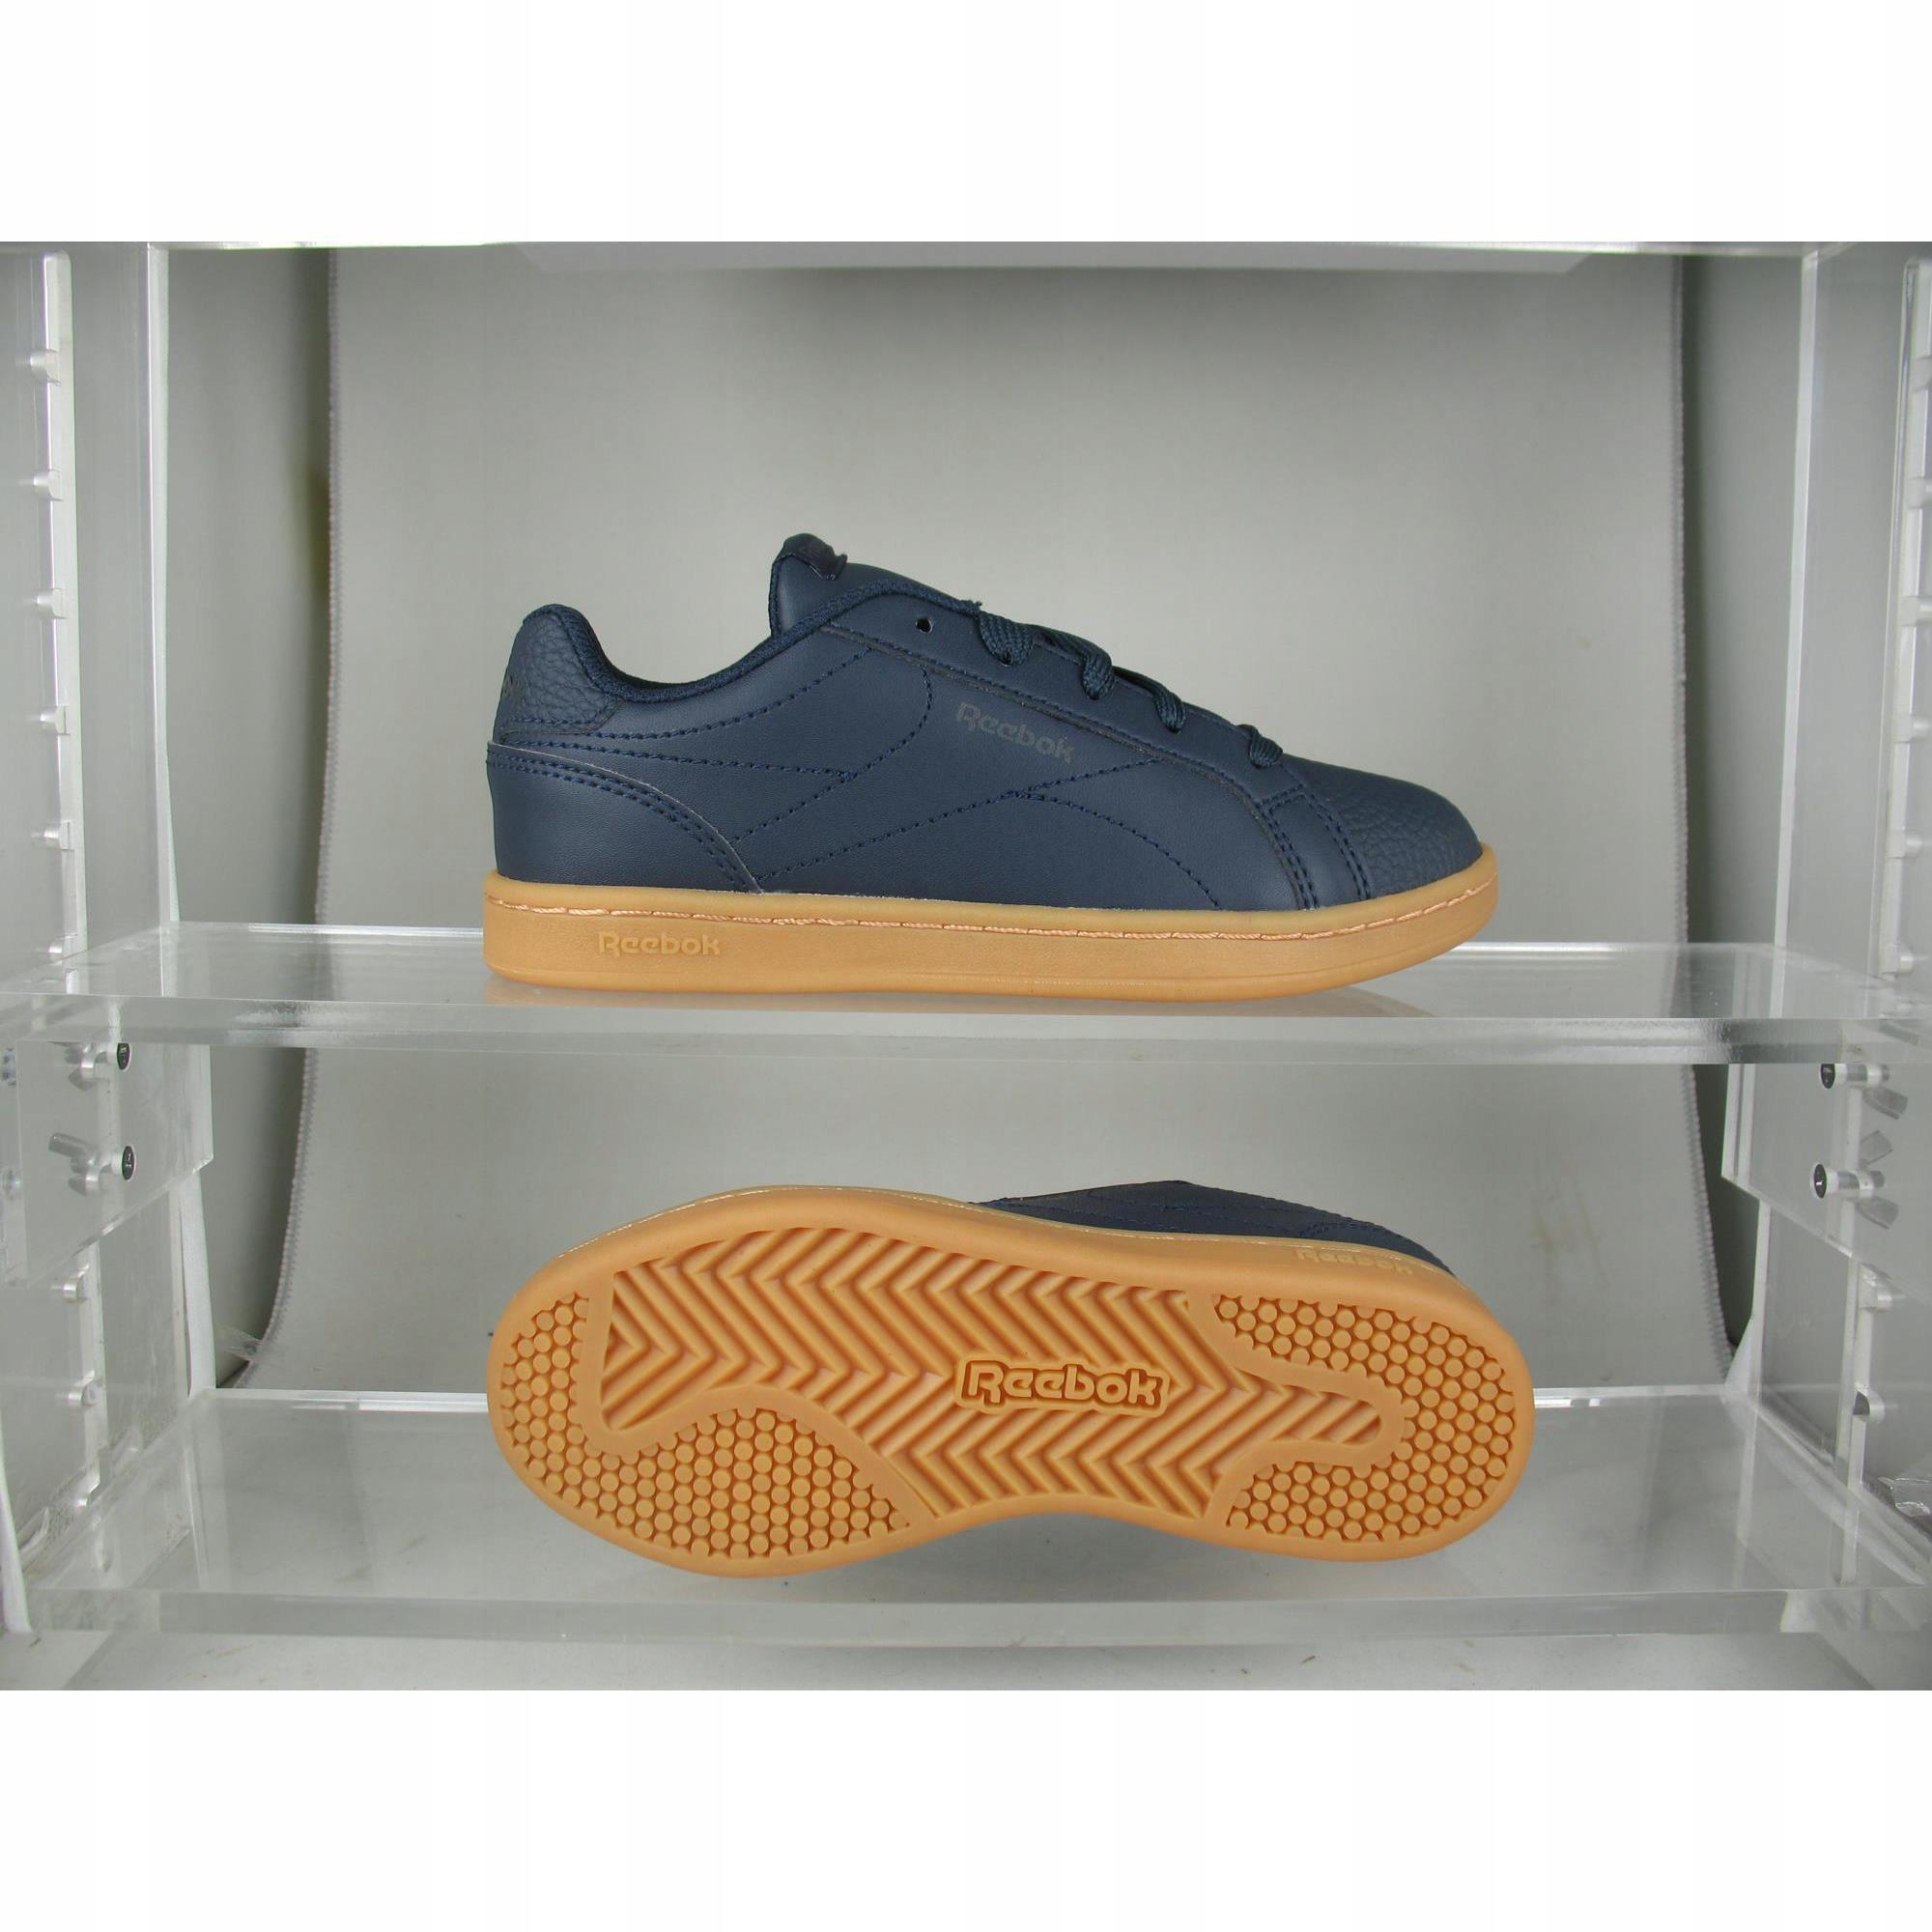 dostępny wyglądają dobrze wyprzedaż buty sprawdzić buty